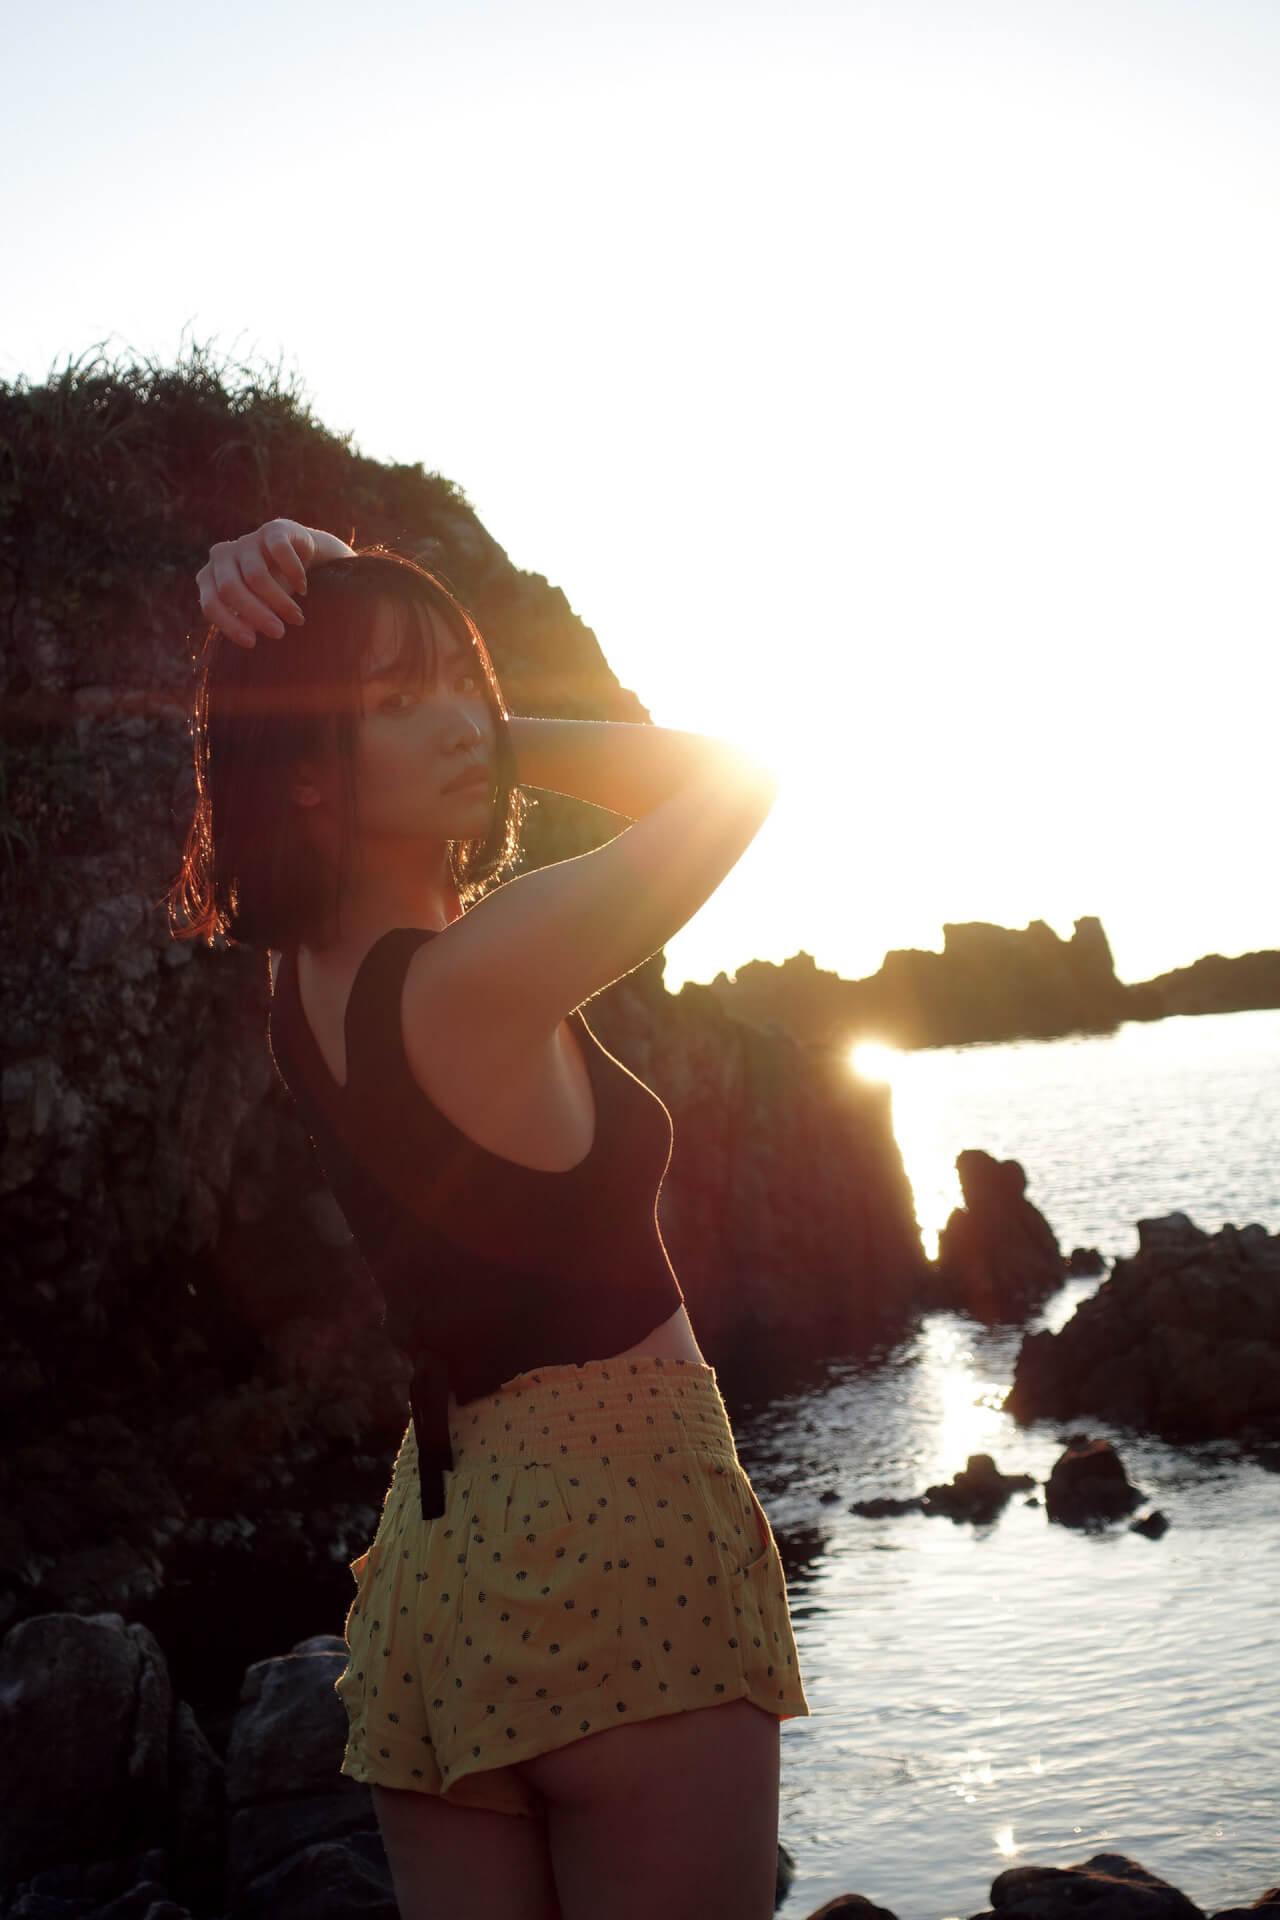 永尾まりやが女子旅でセクシーなランジェリー姿を披露!本日発売の『FLASH』表紙には『あな番』で大ブレイクの奈緒も art200908_flash_5